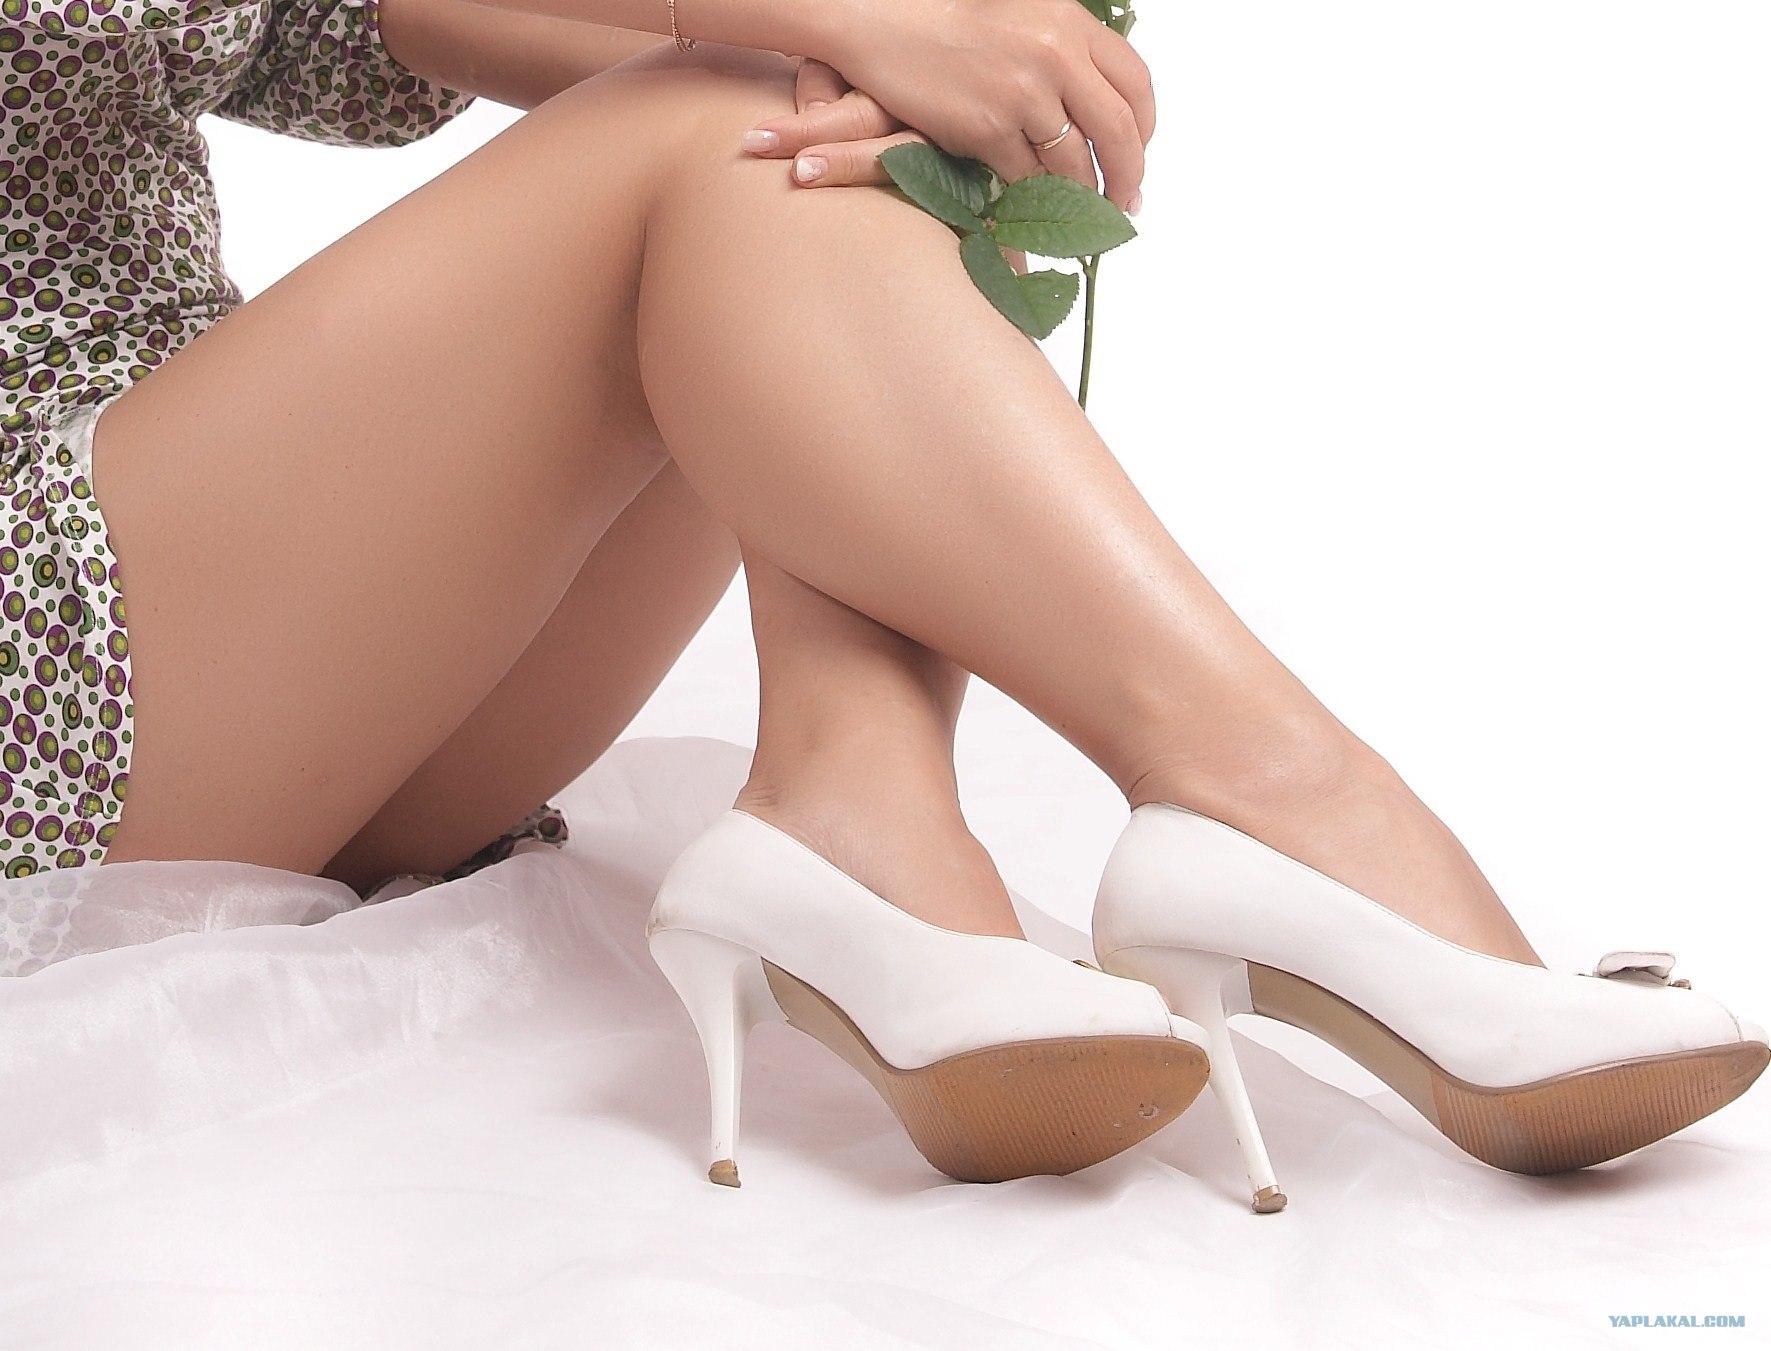 Толстенькие ножки фото 21 фотография